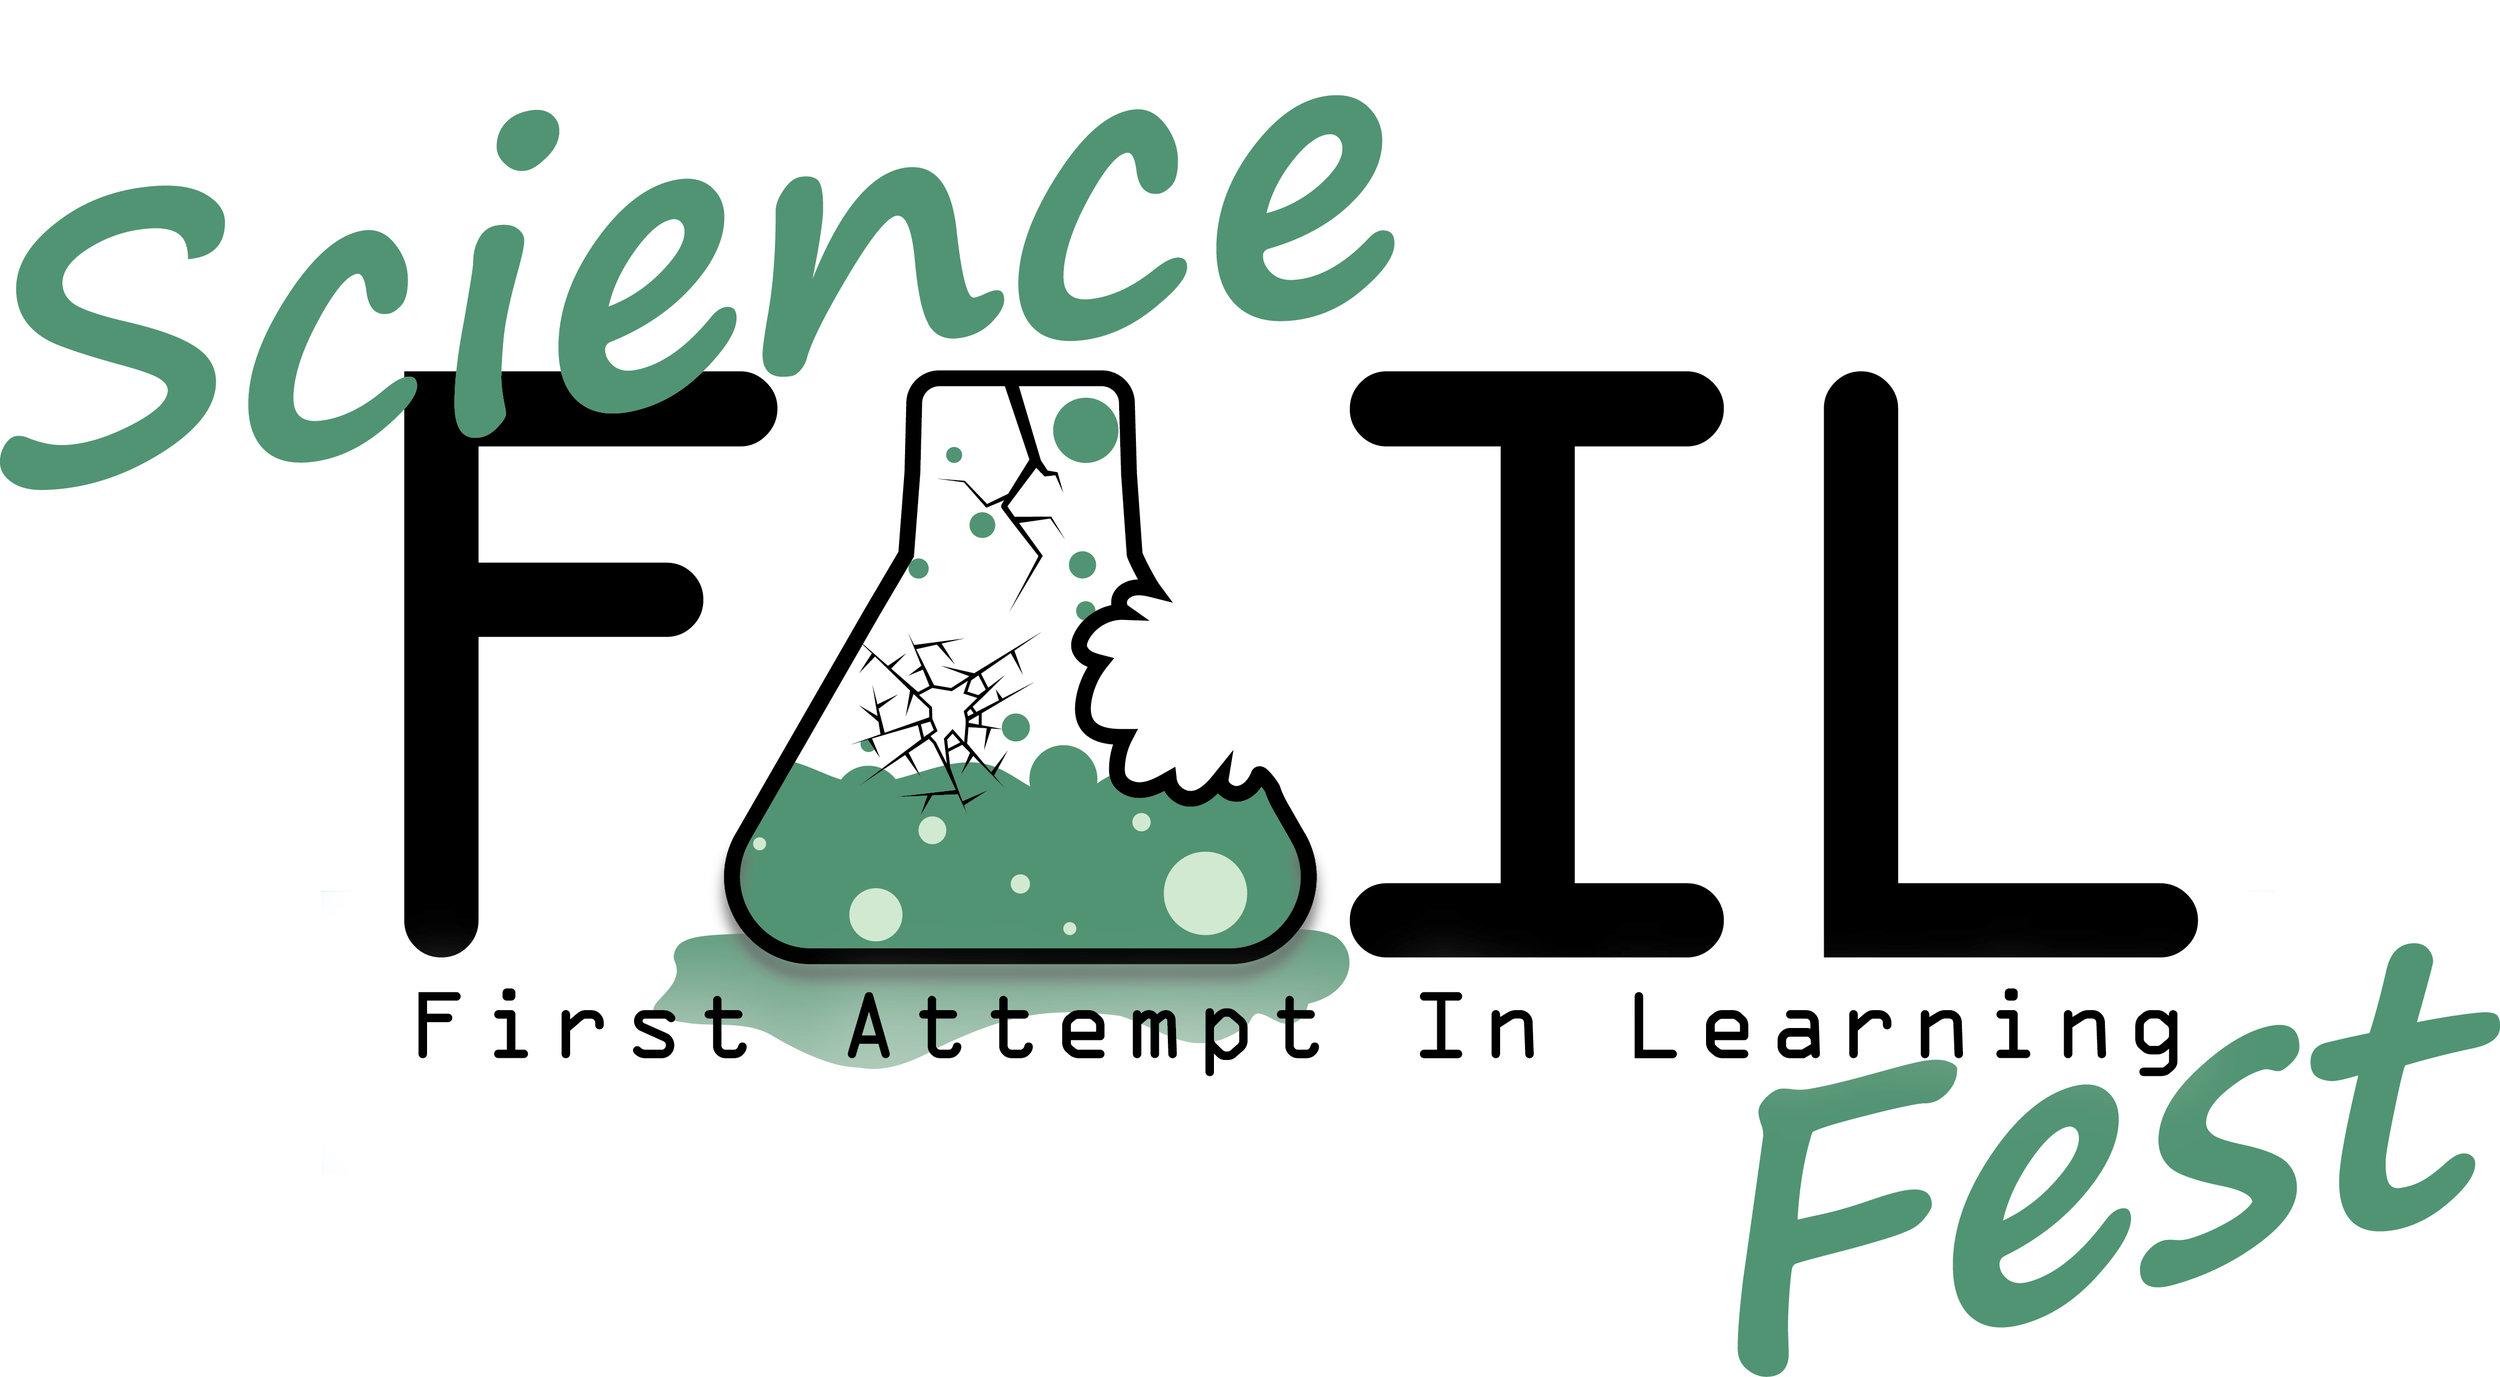 science-fail-fest-full-white.jpg